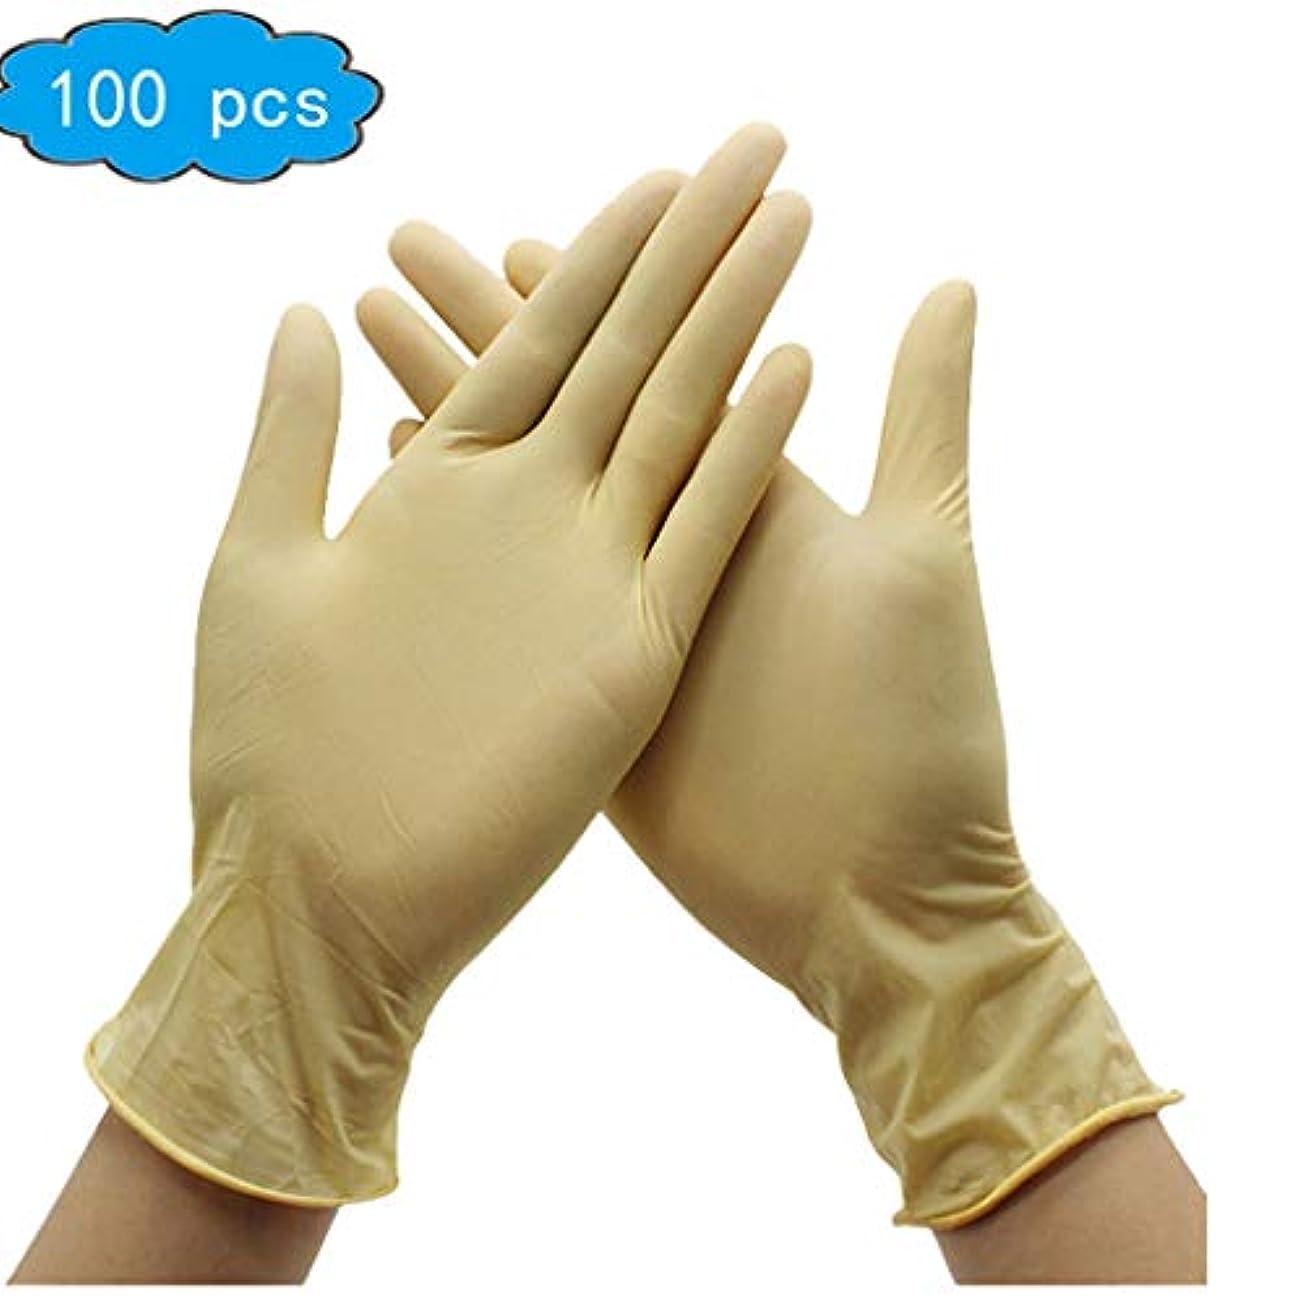 つま先とにかく会員使い捨てラテックス手袋、液、血液、試験、ヘルスケア、ノーパウダー、100箱 (Color : Beige, Size : L)